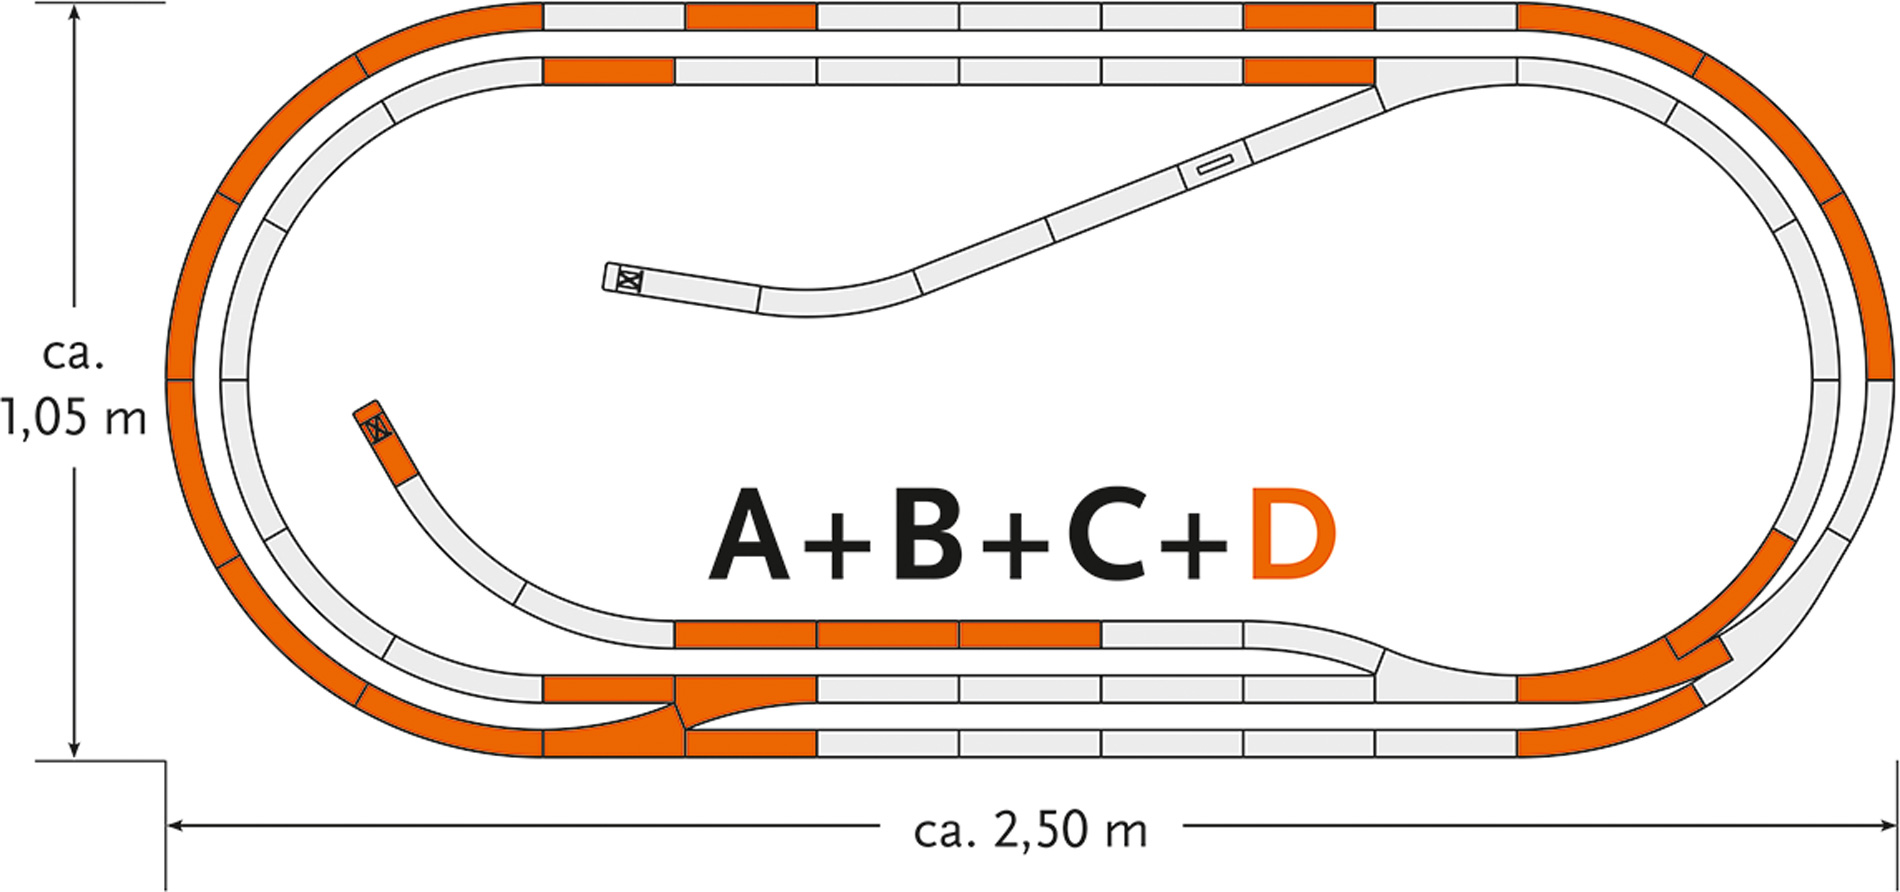 Piko каталог схем рельсовых путей